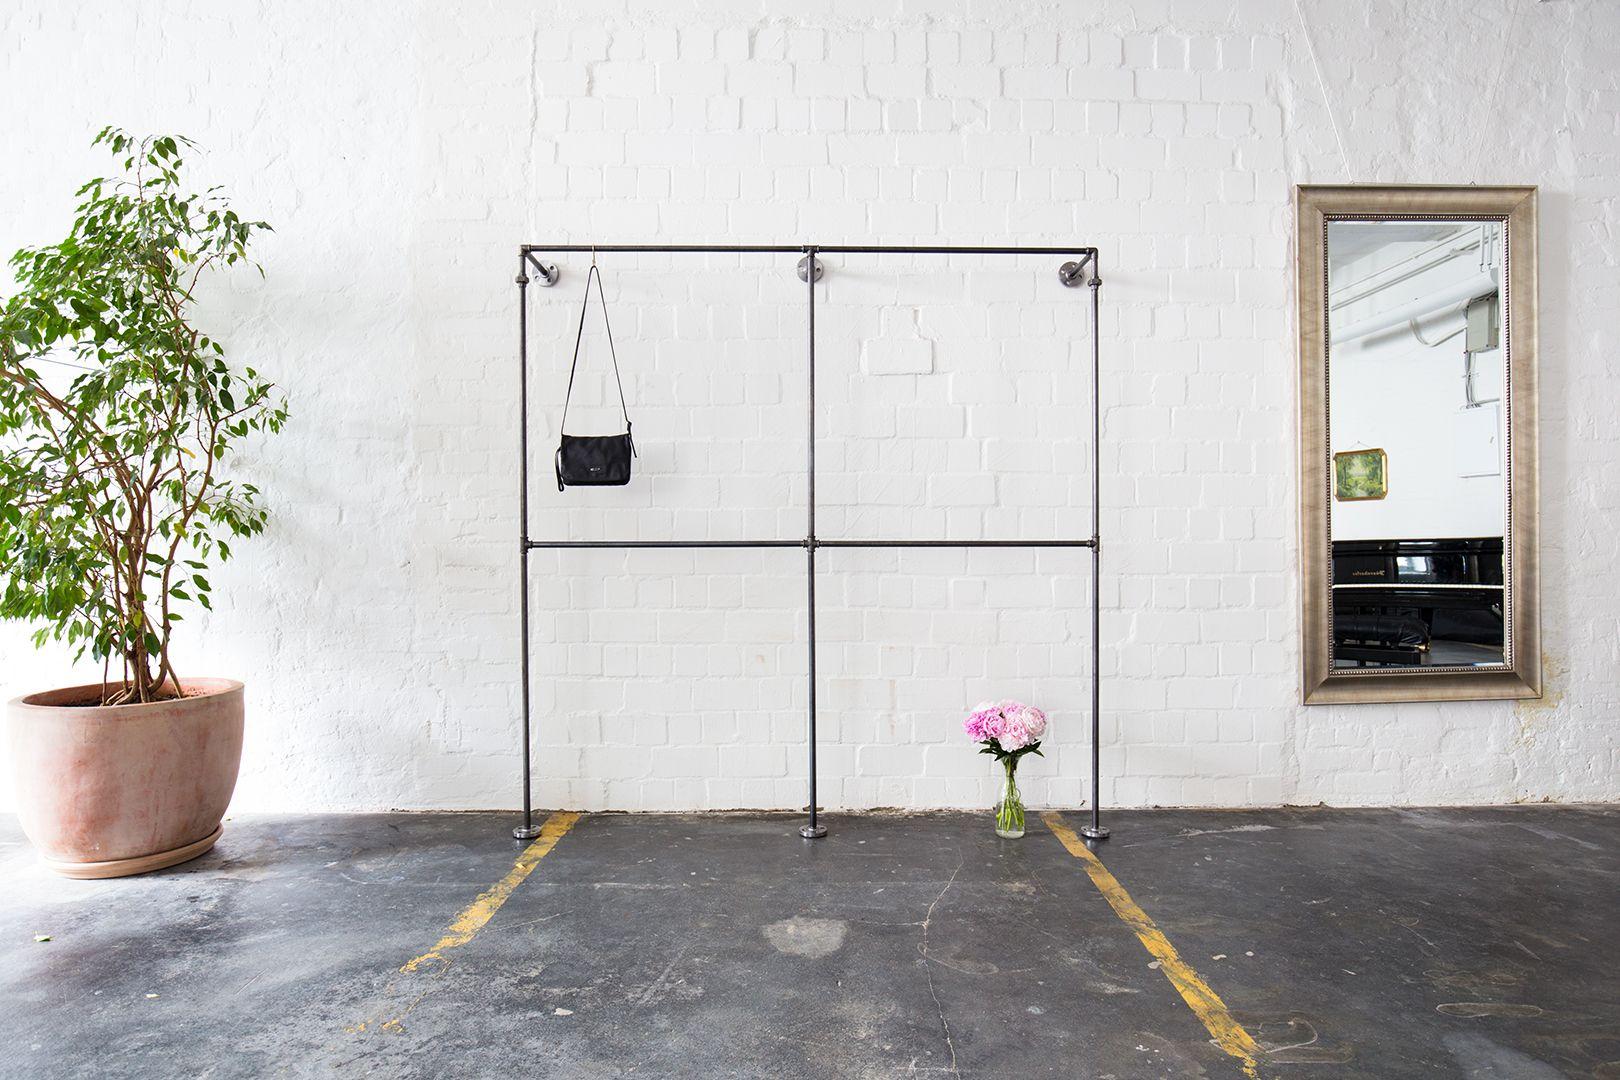 Kleiderschrank Industrial industrial design scanidinavian look minimalistic offener